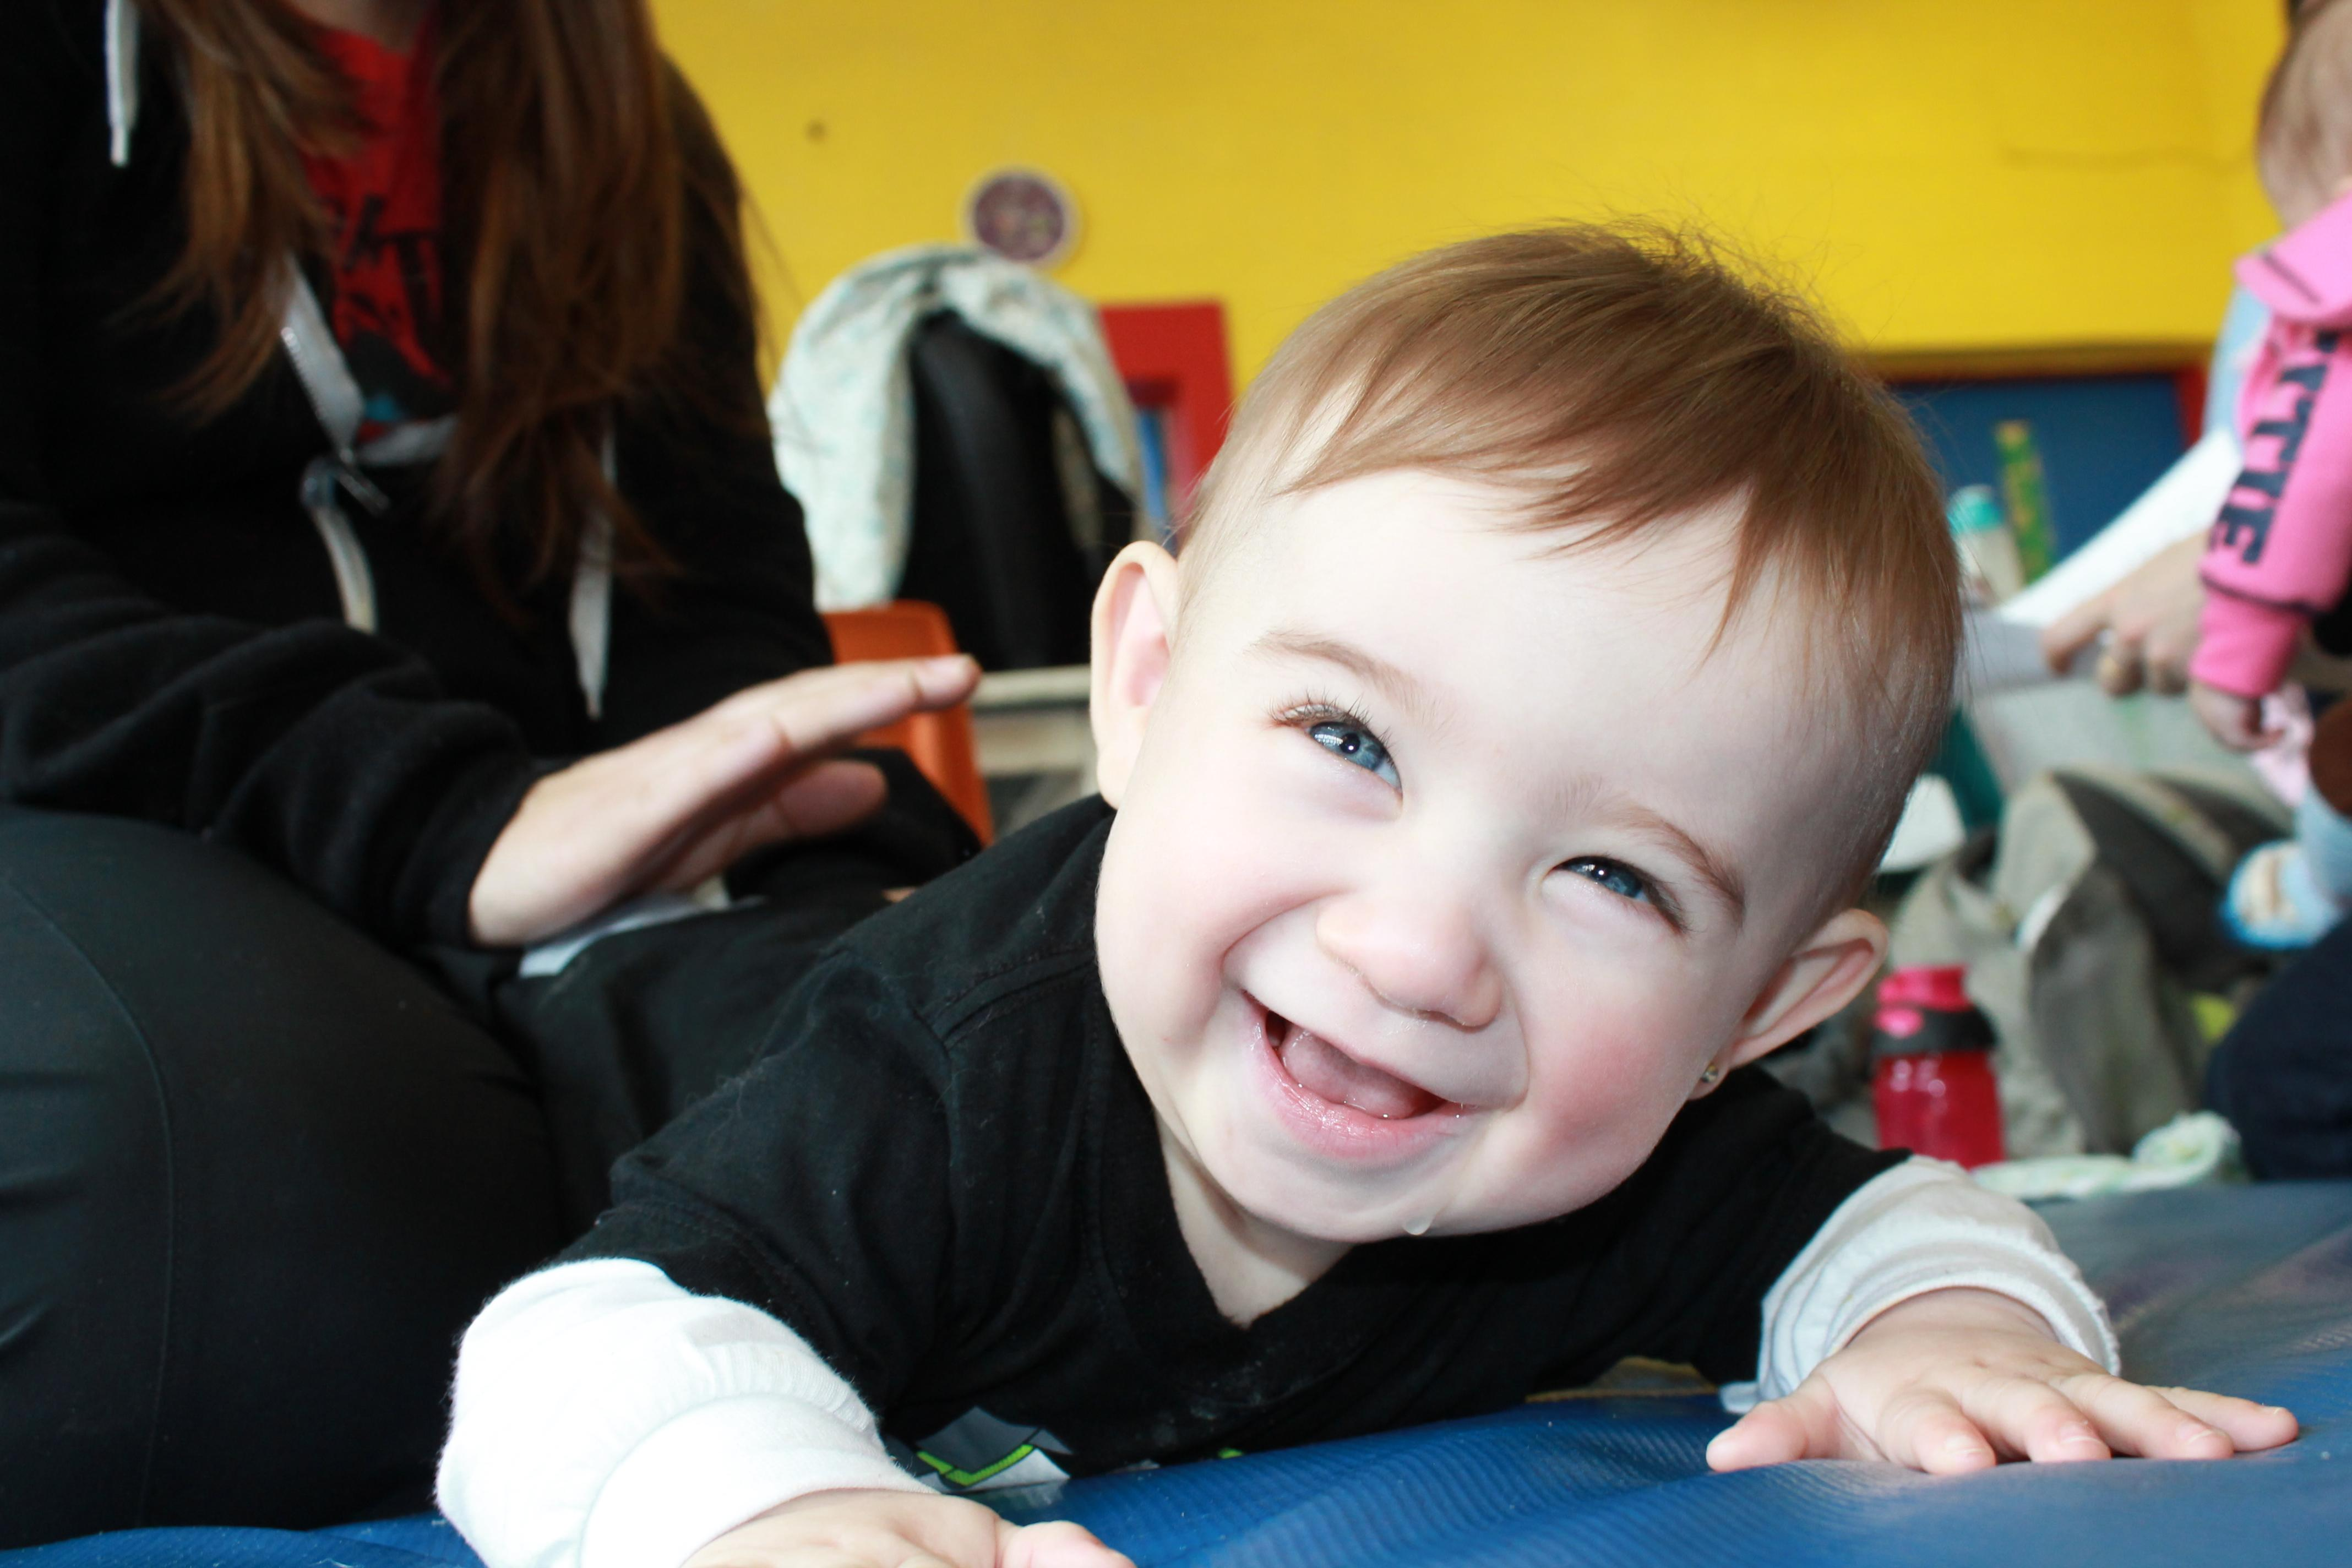 Активность мозга матери повлияла на внимание ребенка во время игры